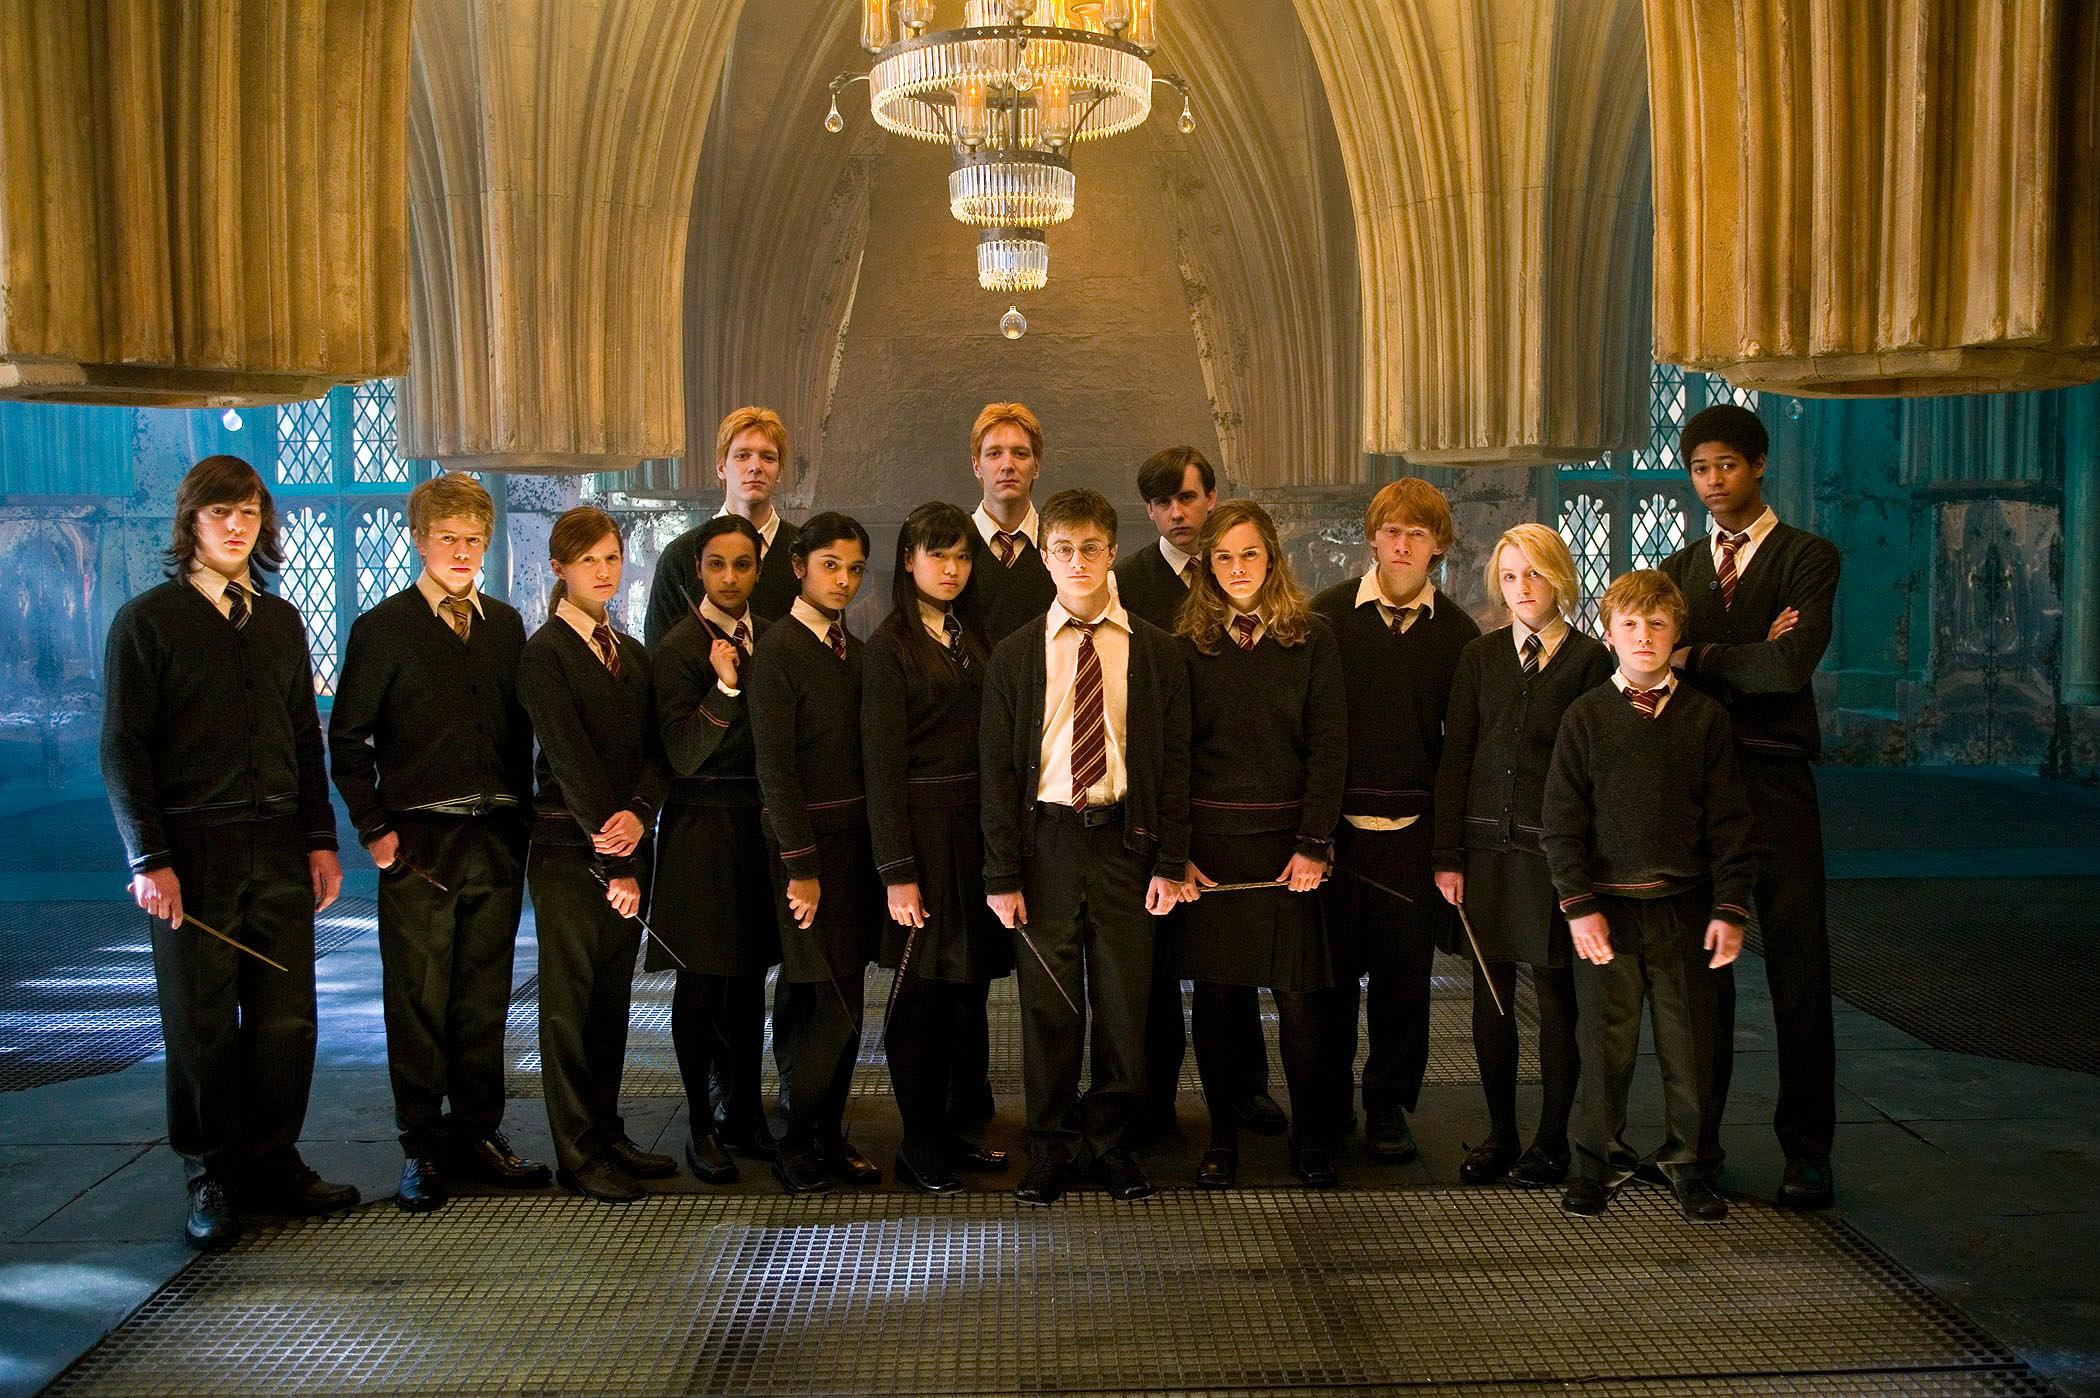 Harry Potter – obsada po latach. Jak potoczyły się losy młodych aktorów?